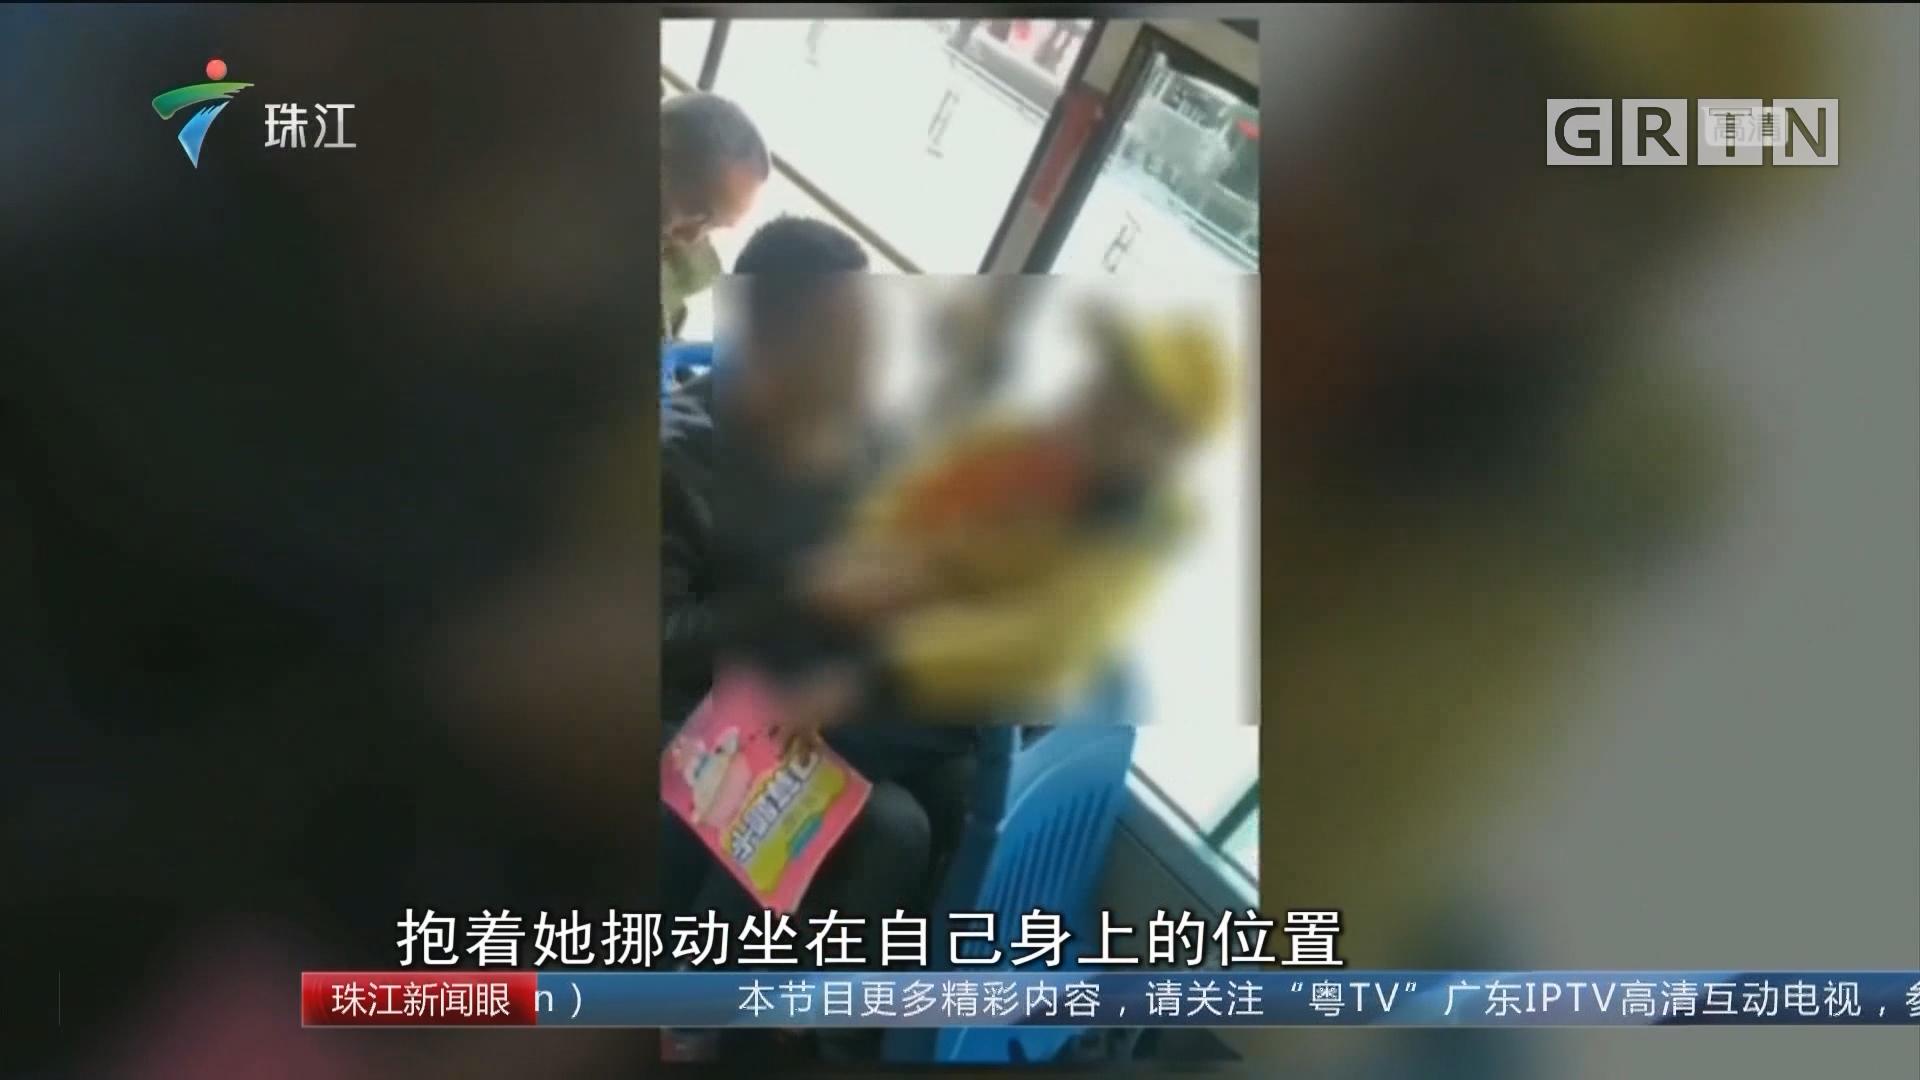 四川:男子公交车上涉嫌猥亵被刑拘